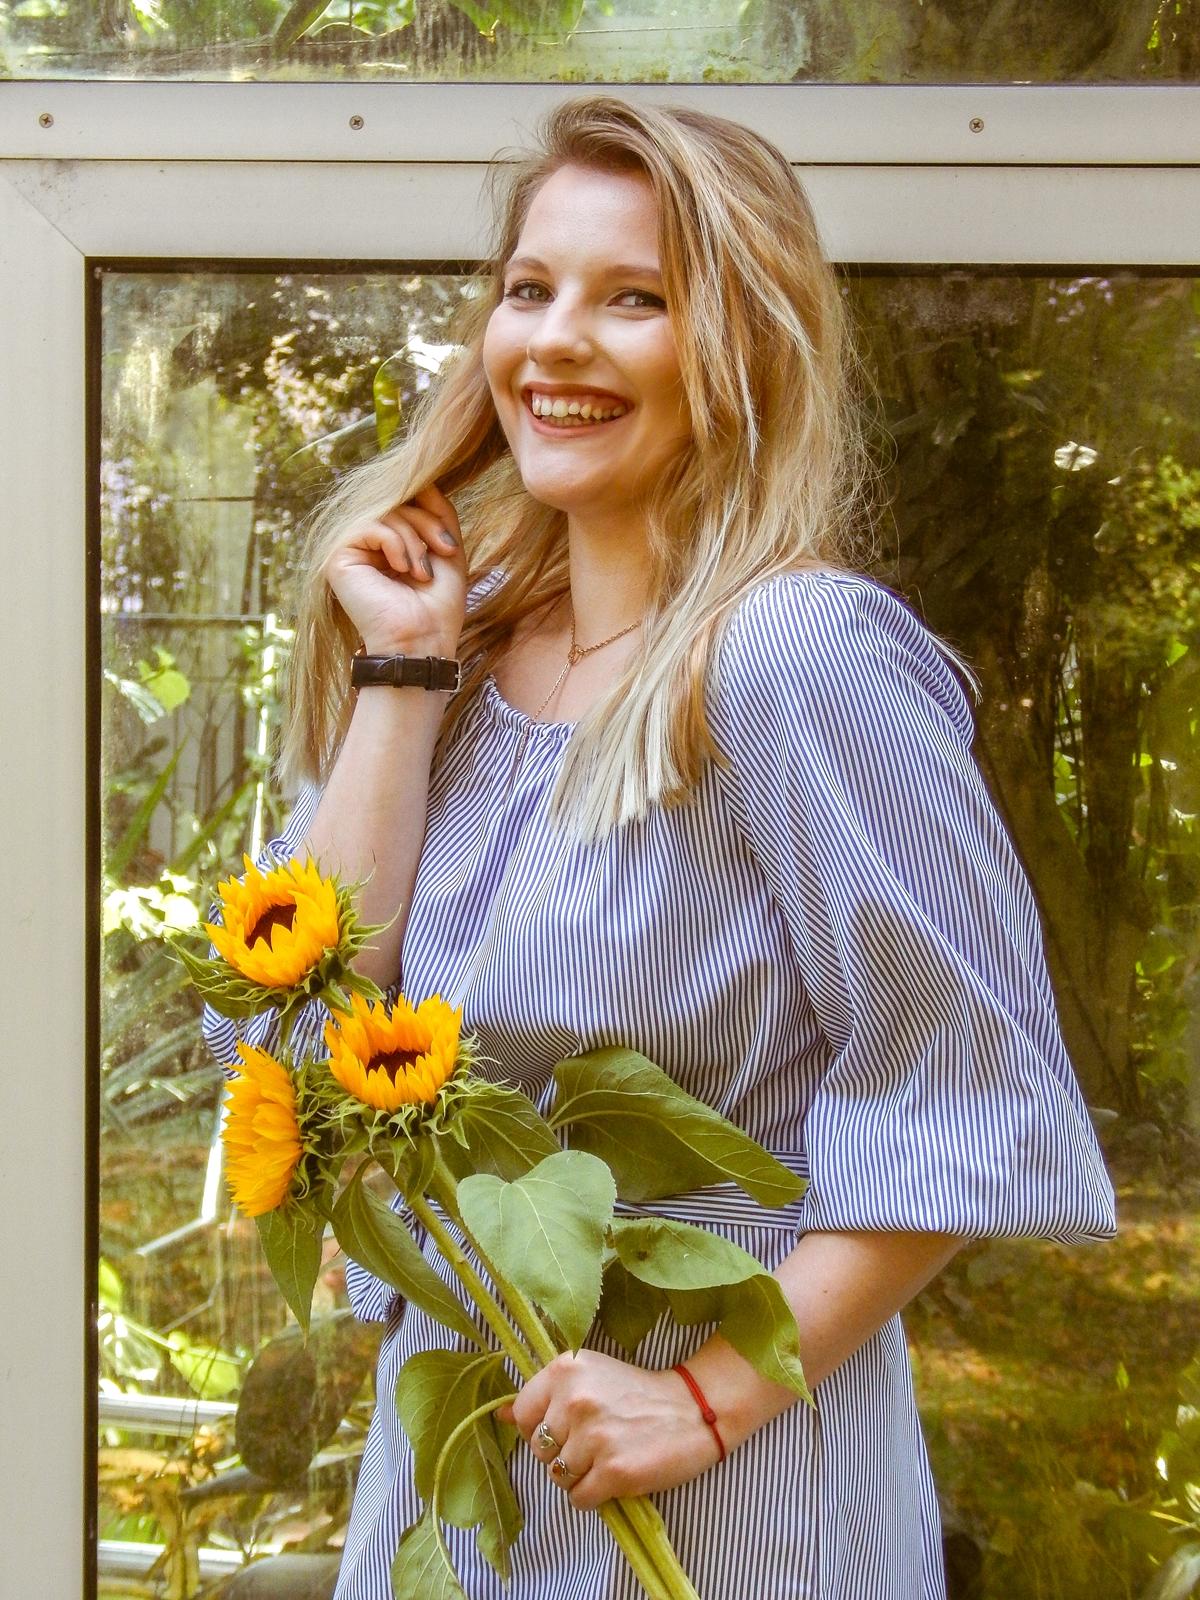 11 4 portret z kwiatami sukienka w paski sammydress rosegal jak nosić sukienki midi sukienki w paski wakacyjne jesienne trendy blog beauty style fashion moda melodylaniella